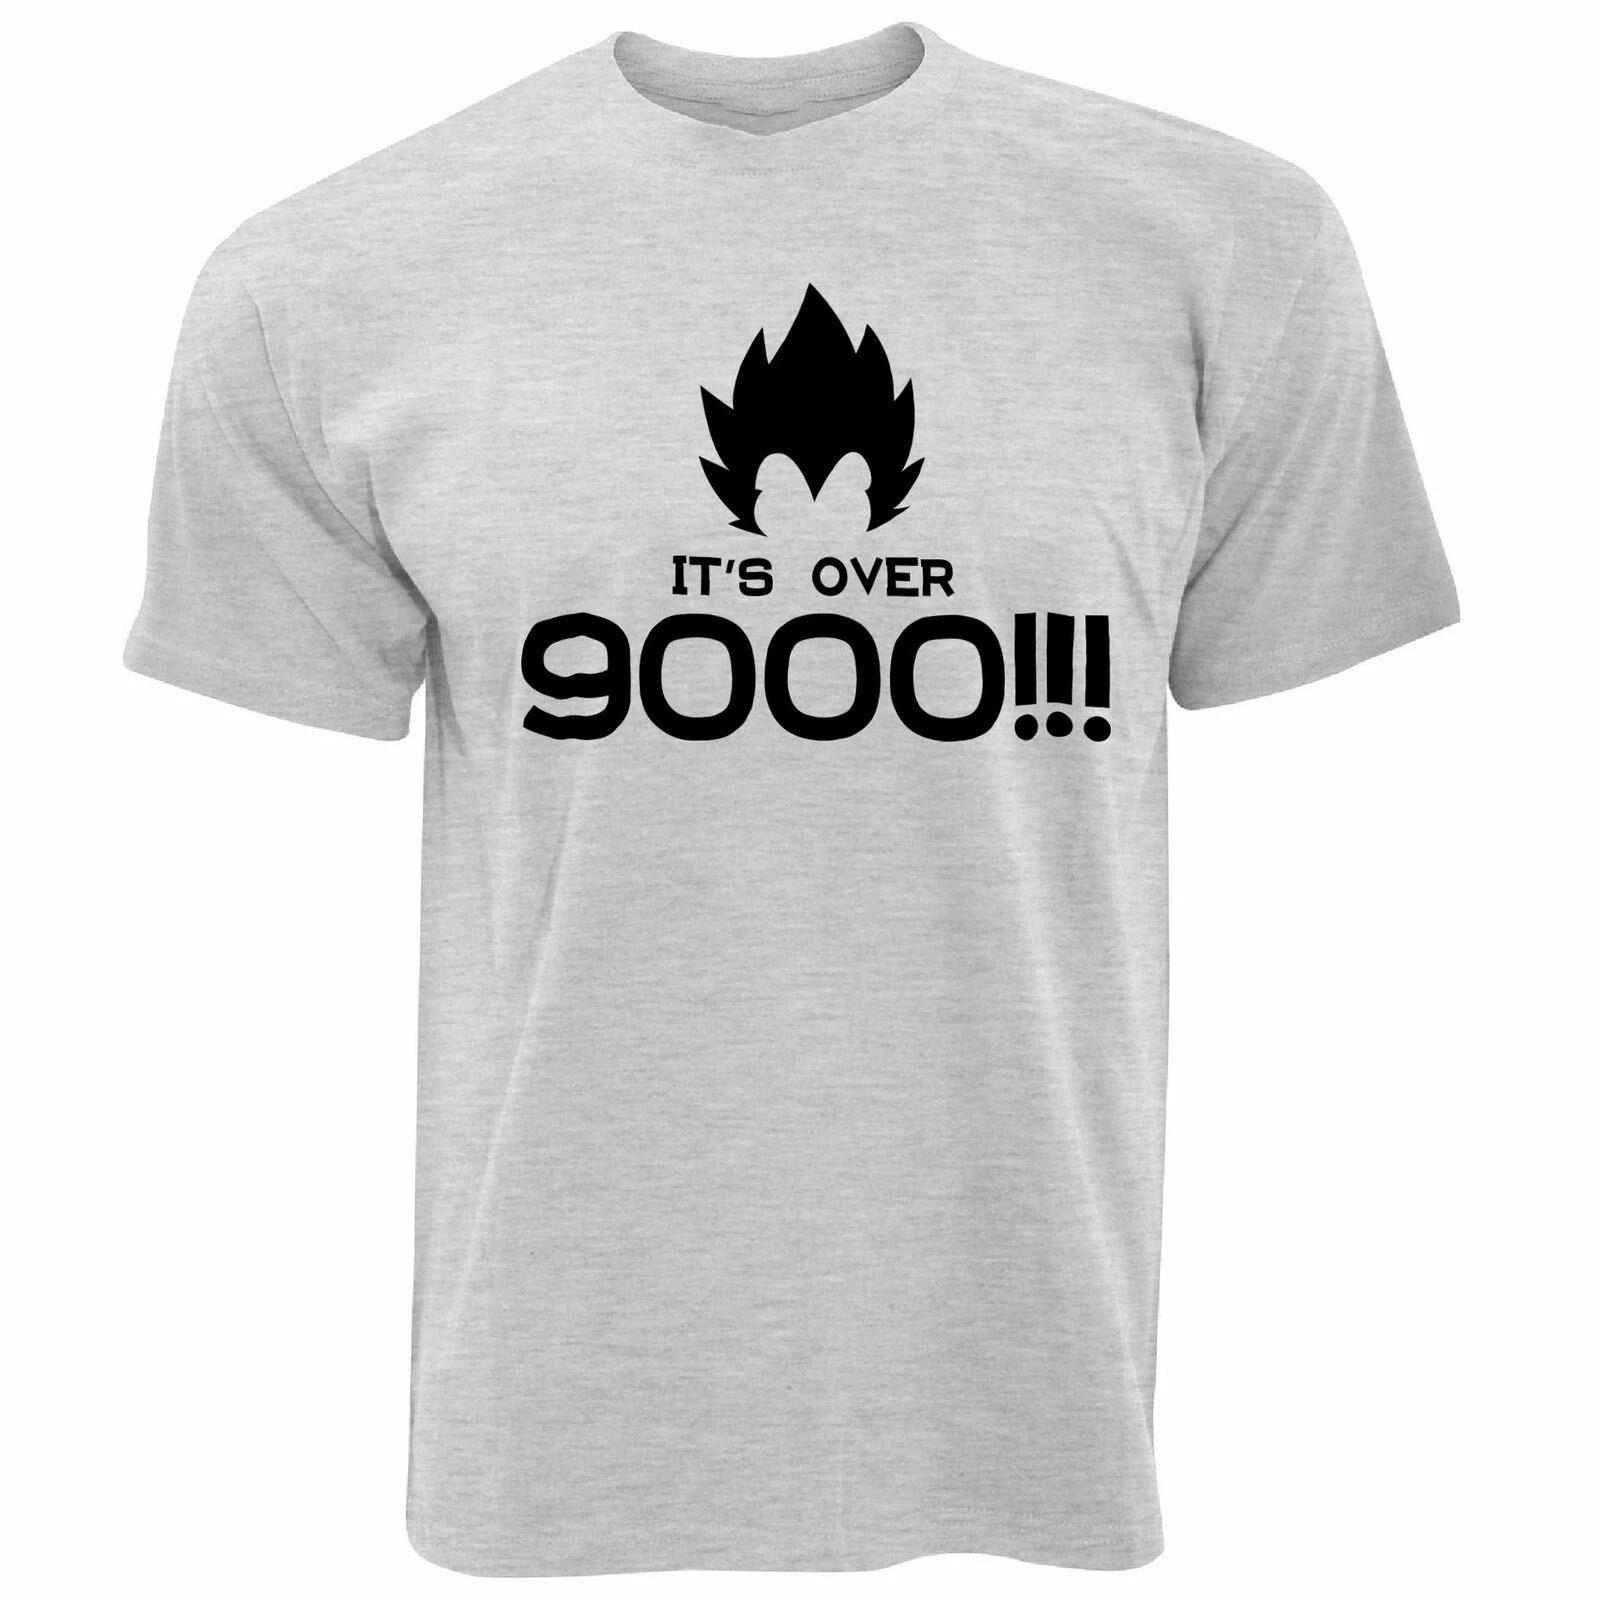 Nouveauté Anime parodie T shirt C/'est plus de 9000!! Slogan Blague Manga Série TV